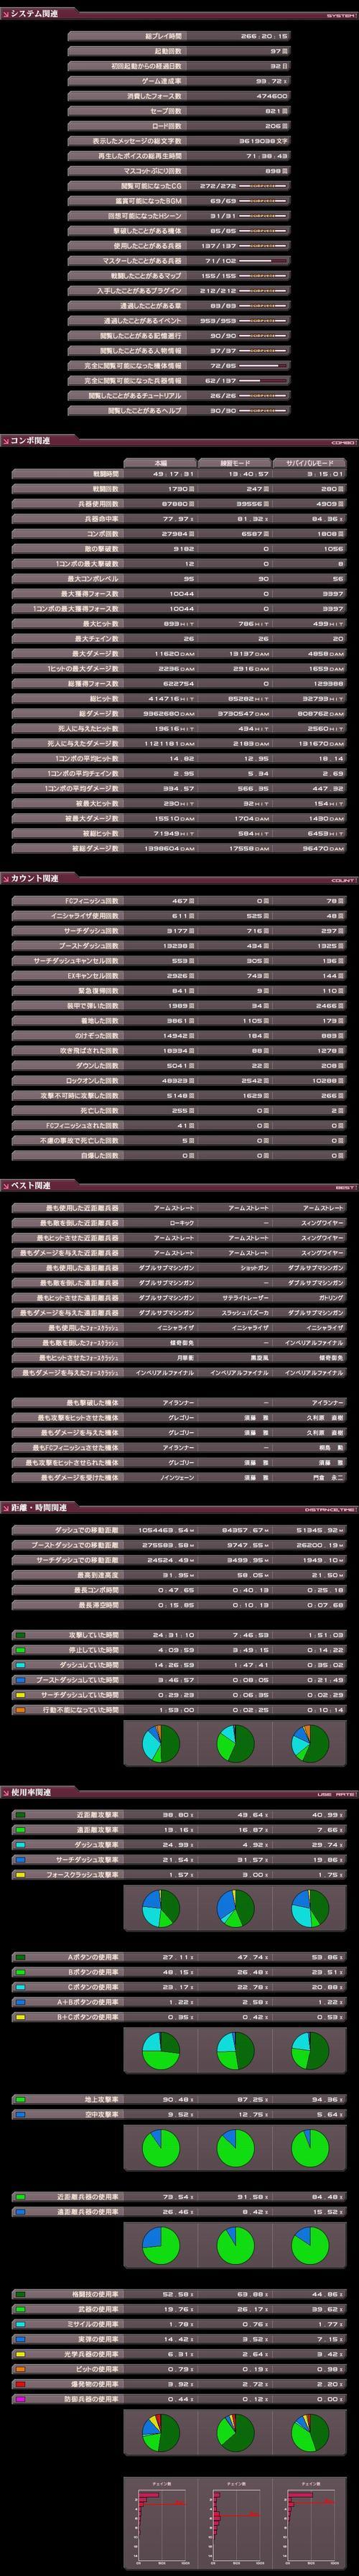 Senseki2_2